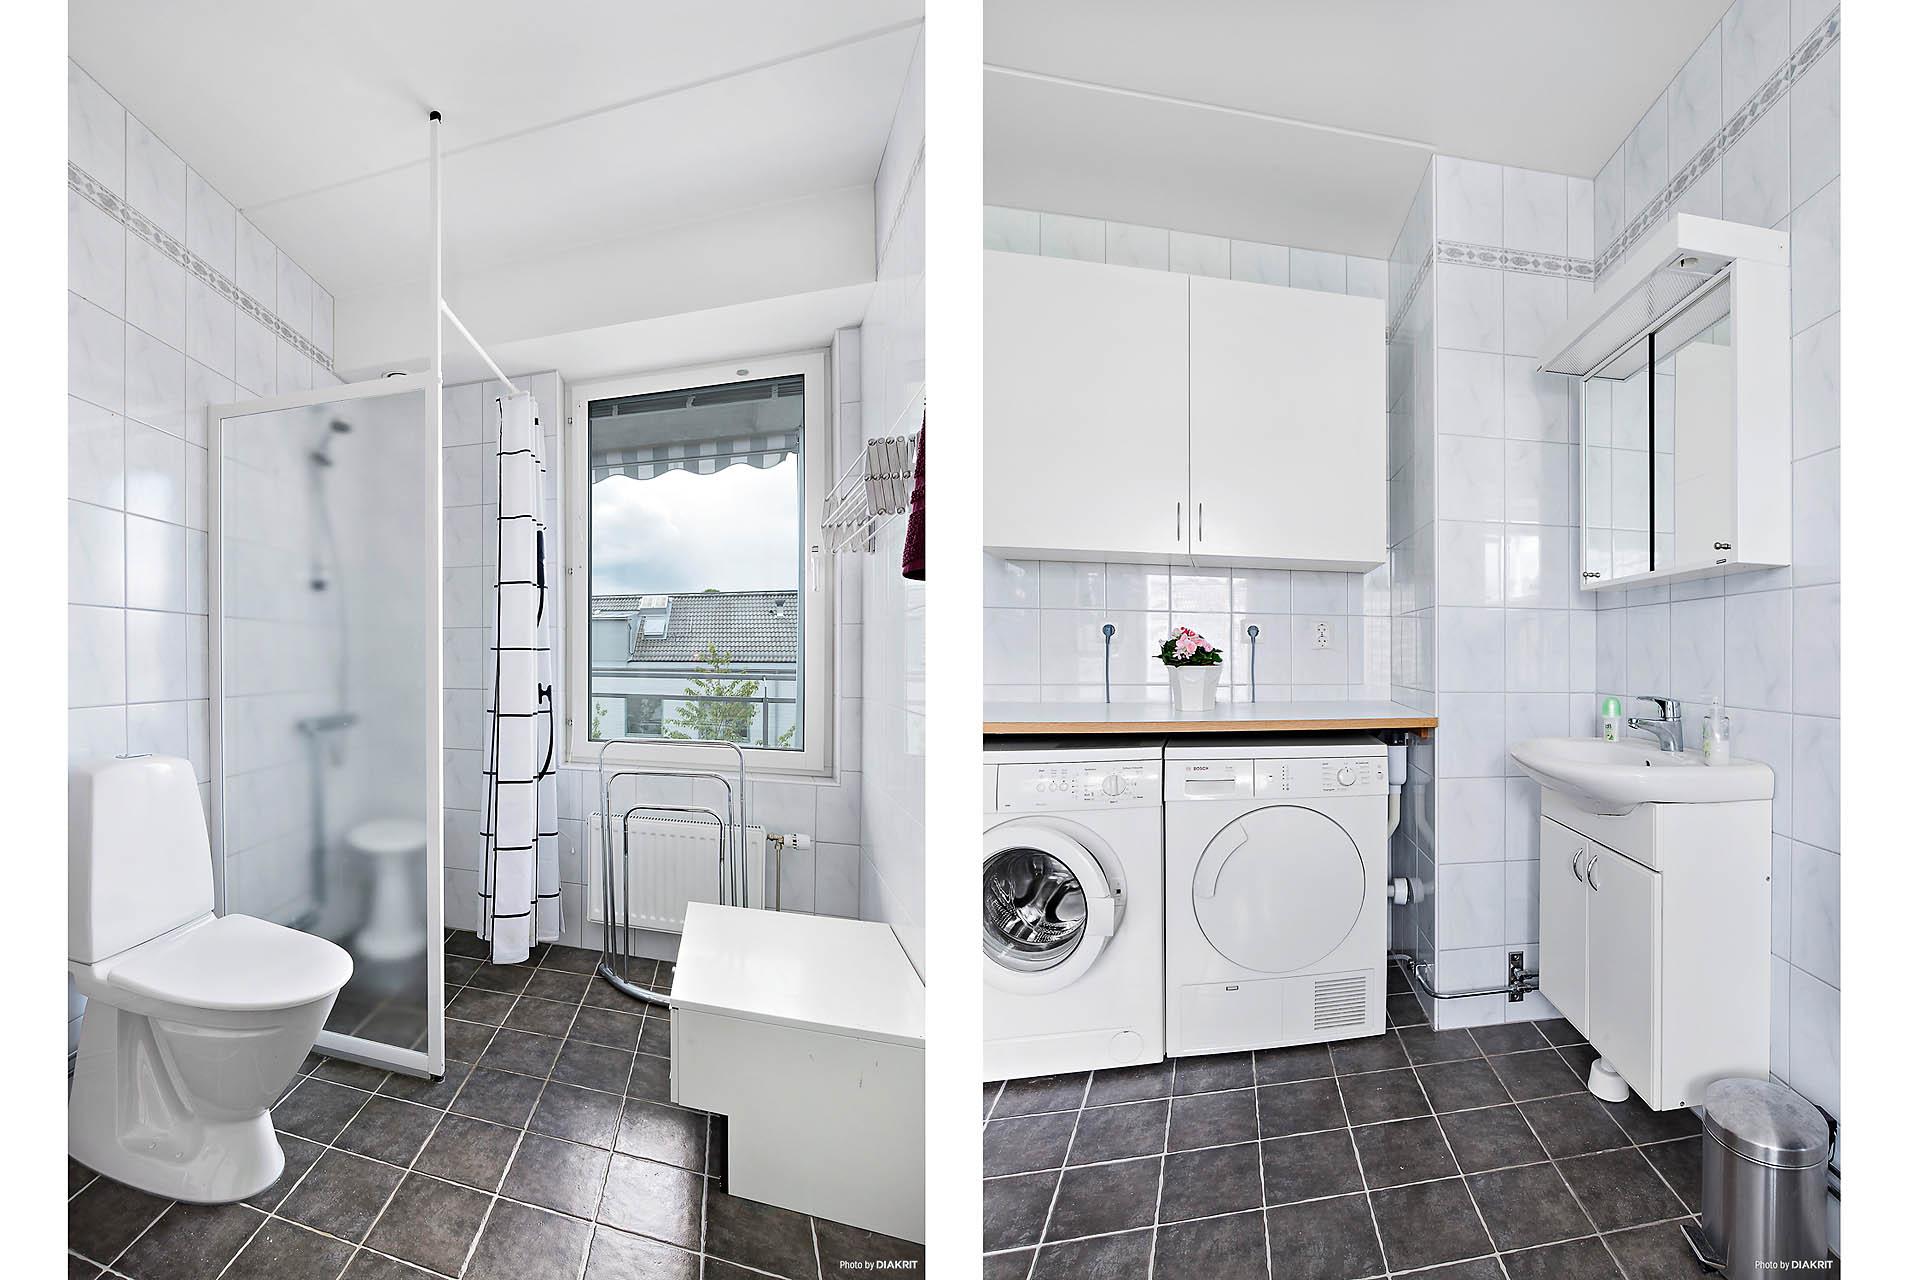 Helkaklat duschrum med golvvärme